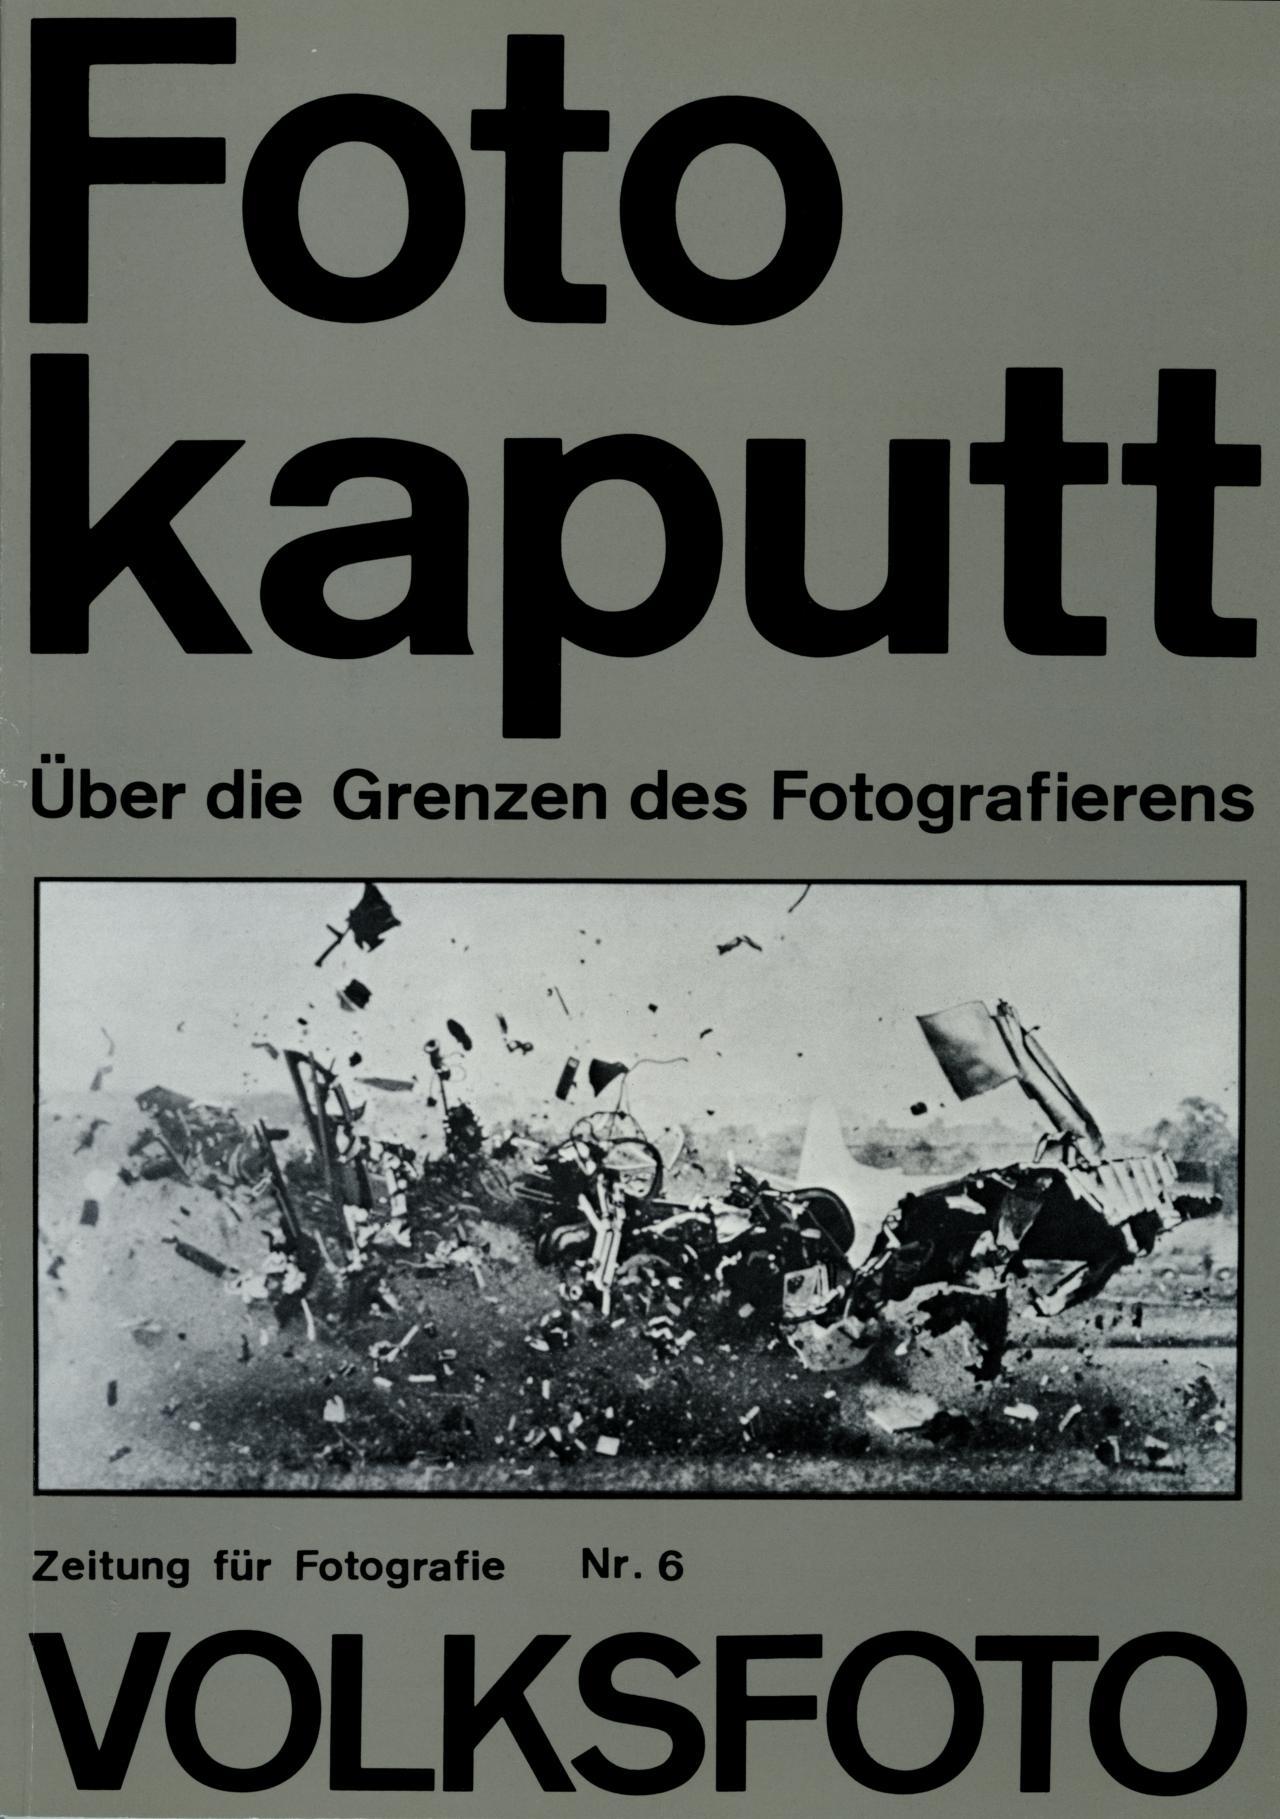 Andreas Seltzer und Dieter Hacker (Hg.), Volksfoto. Zeitung für Fotografie. Über die Grenzen des Fotografischen, Nr. 6, 7. Produzentengalerie, Berlin, 1980.